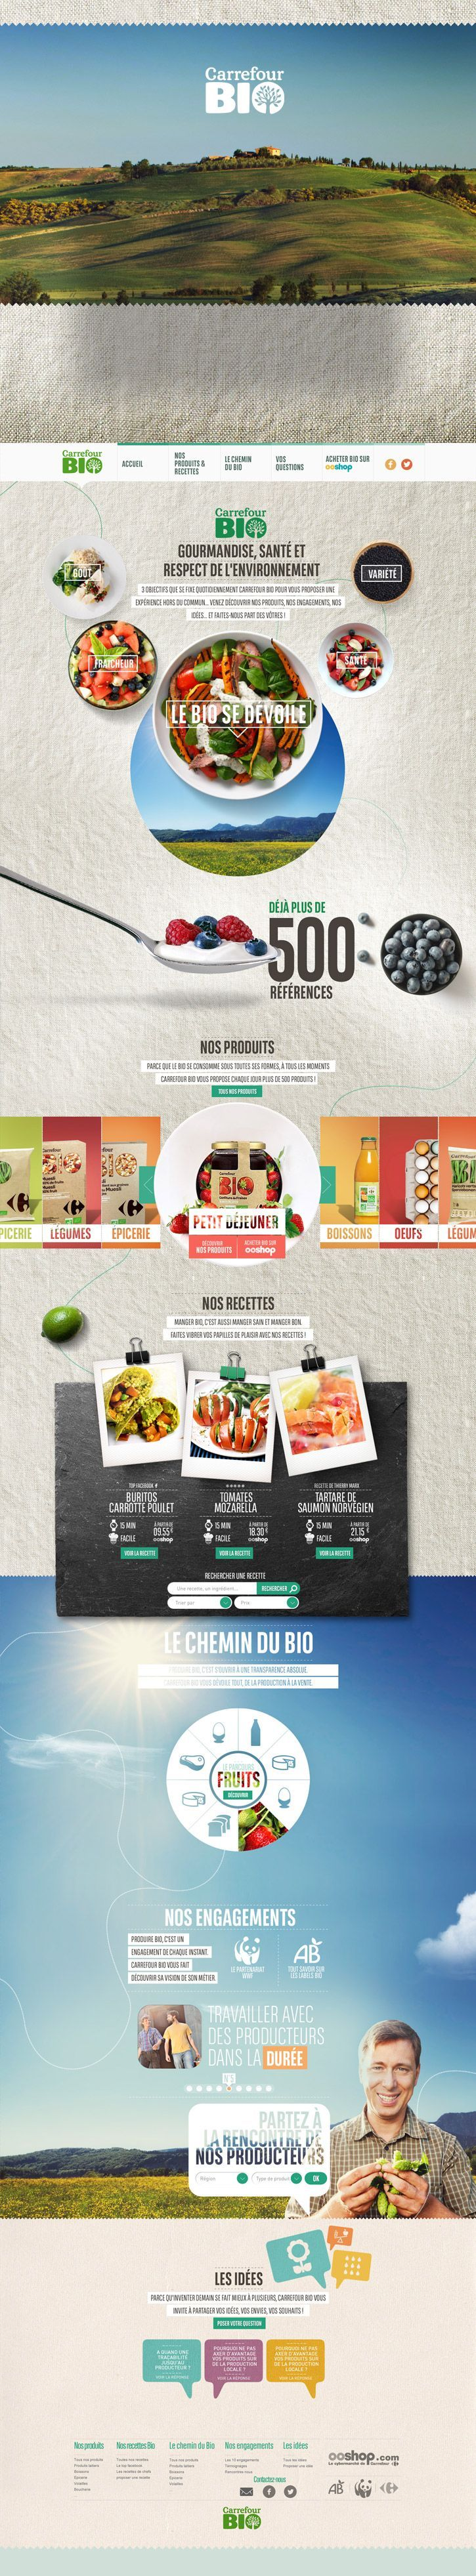 green Food | #webdesign #it #web #design #layout #userinterface #website #webdesign < repinned by www.BlickeDeeler.de | Take a look at www.WebsiteDesign-Hamburg.de